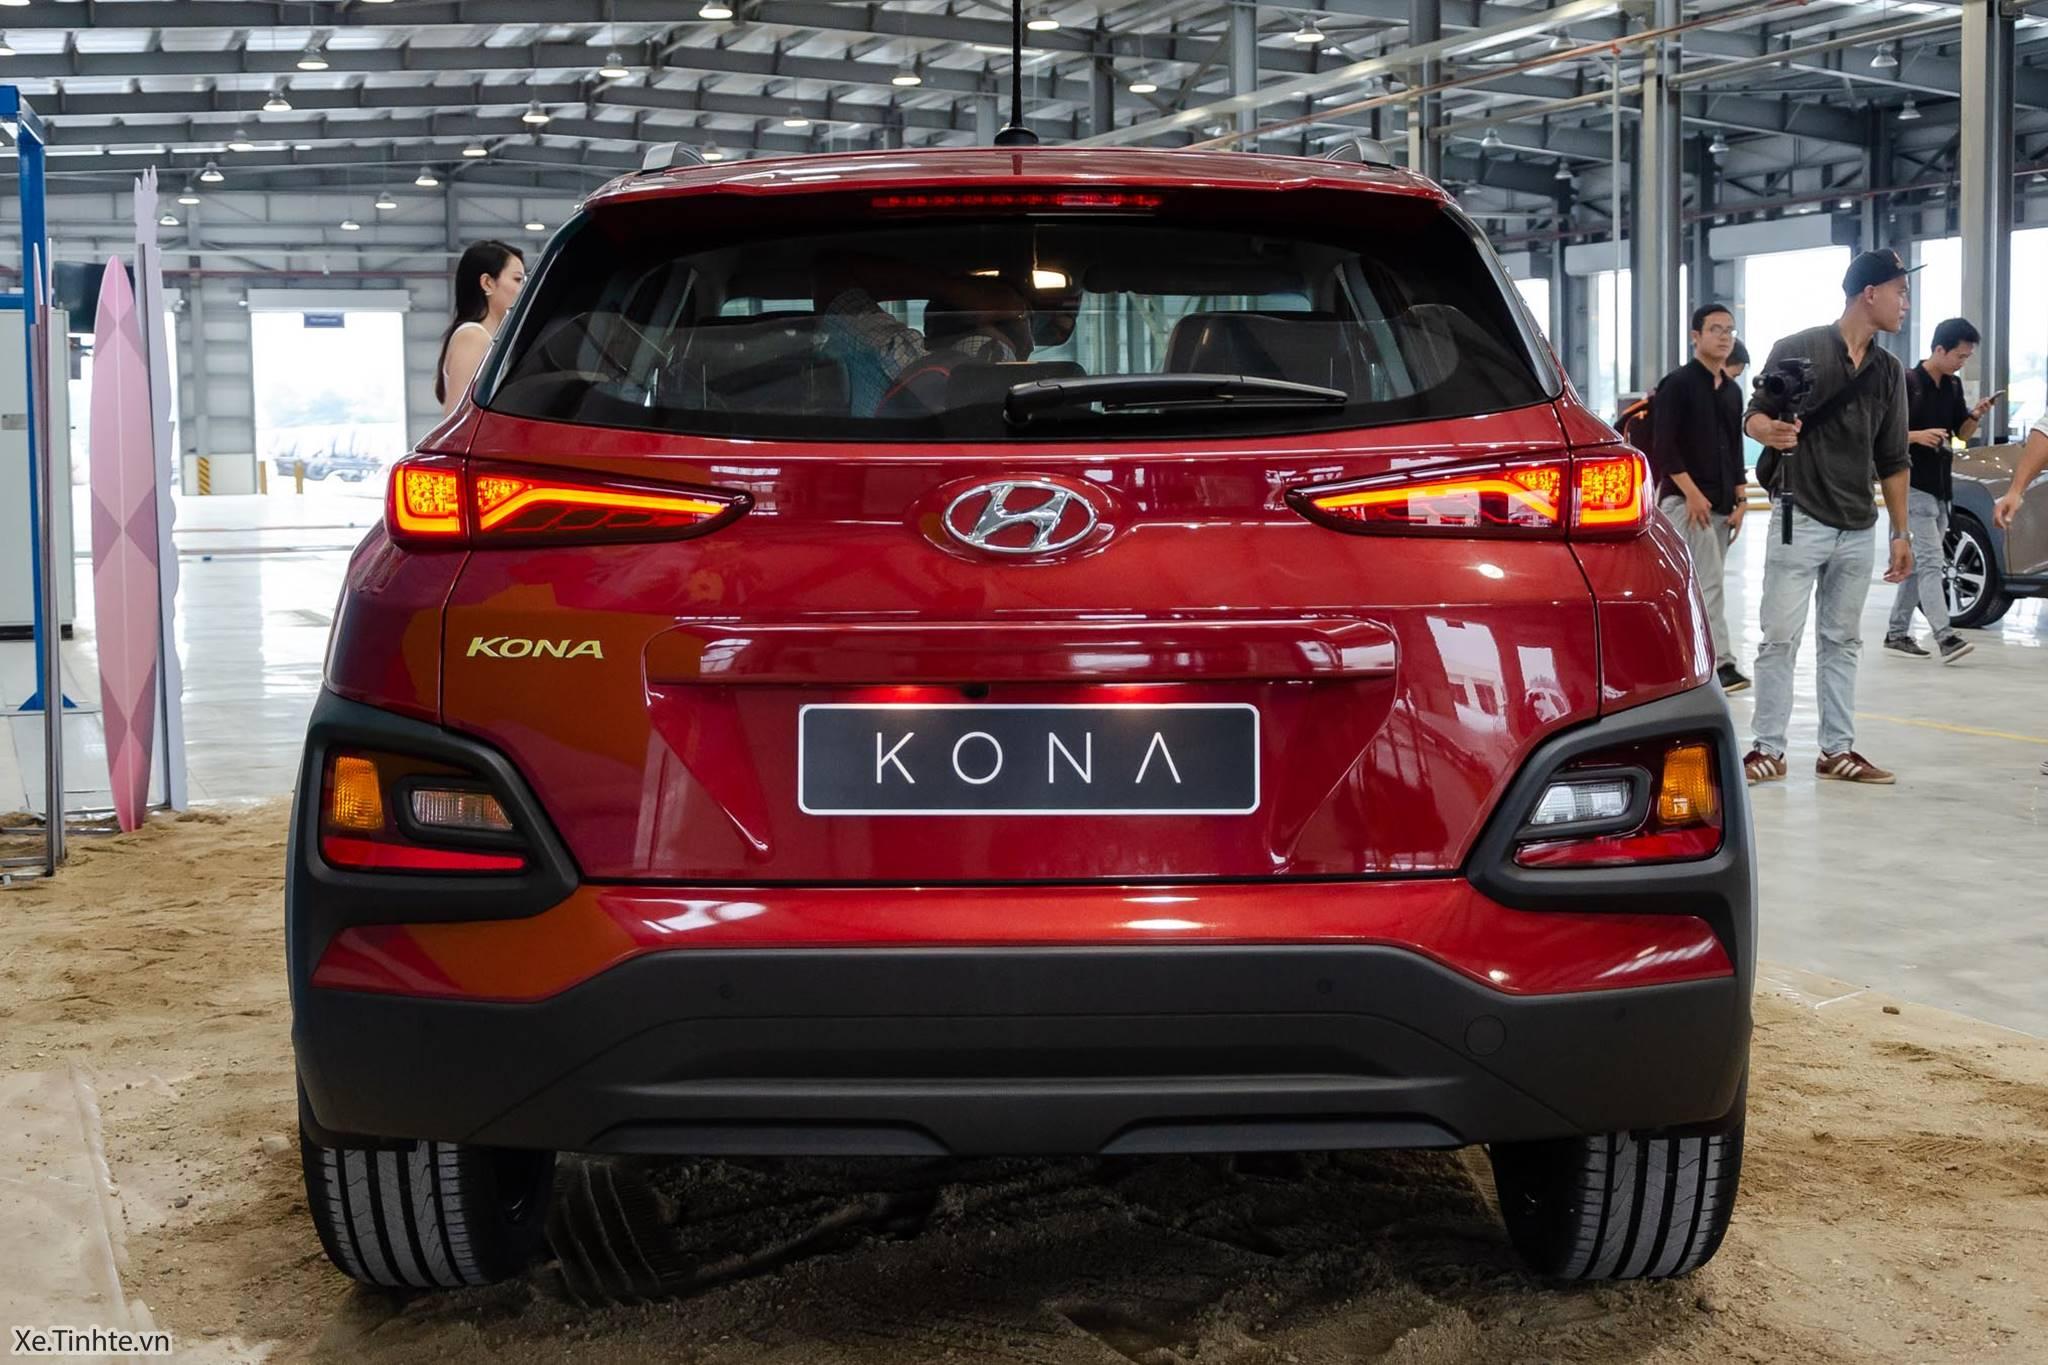 Hyundai_Kona_2018_Xe_Tinhte_DSC_6705.jpg